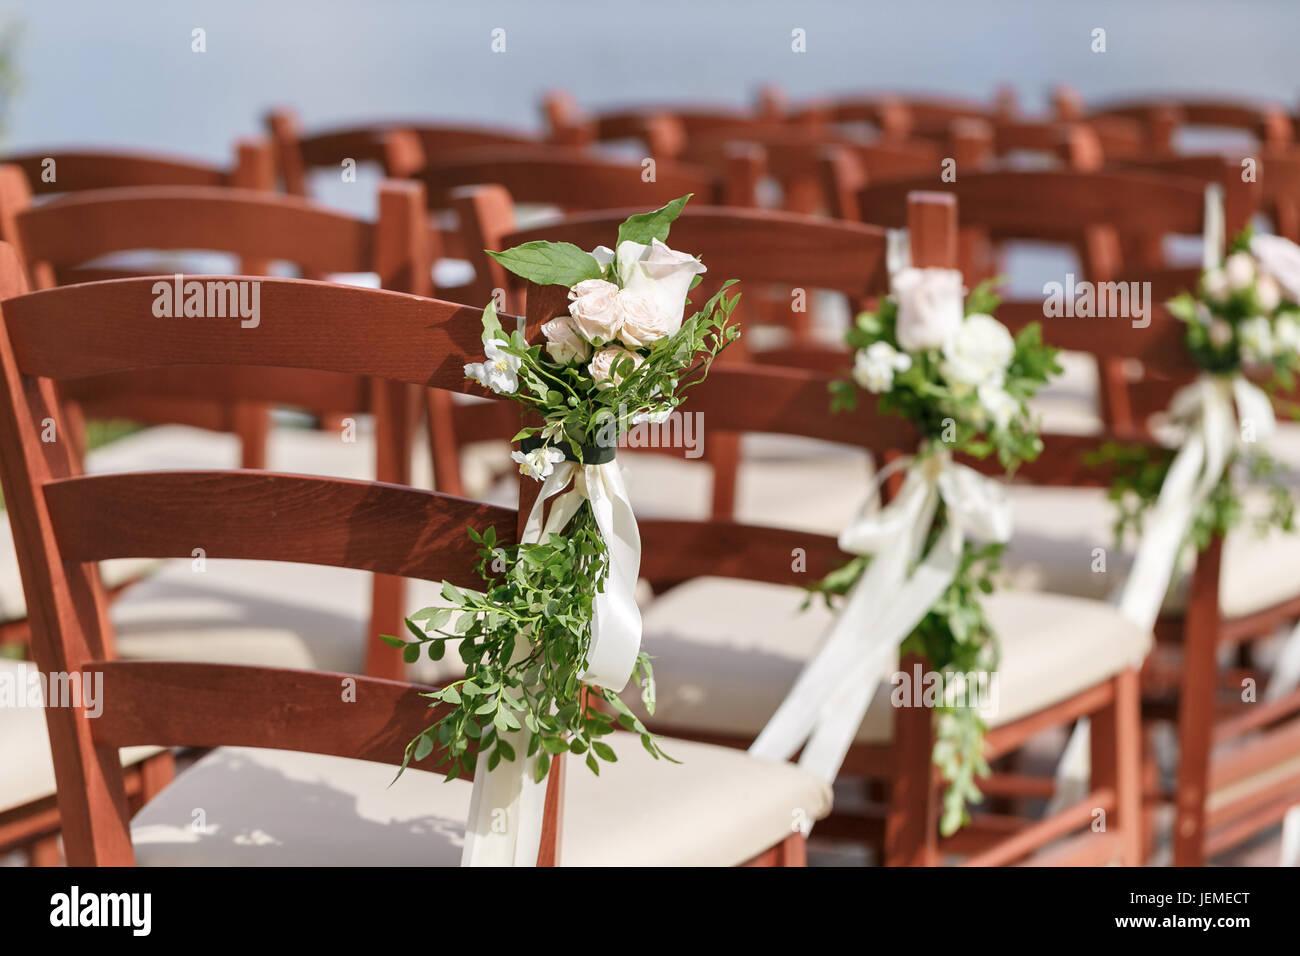 Matrimonio Decorata Con Sedie In Legno Con Fiori Foto Stock Alamy